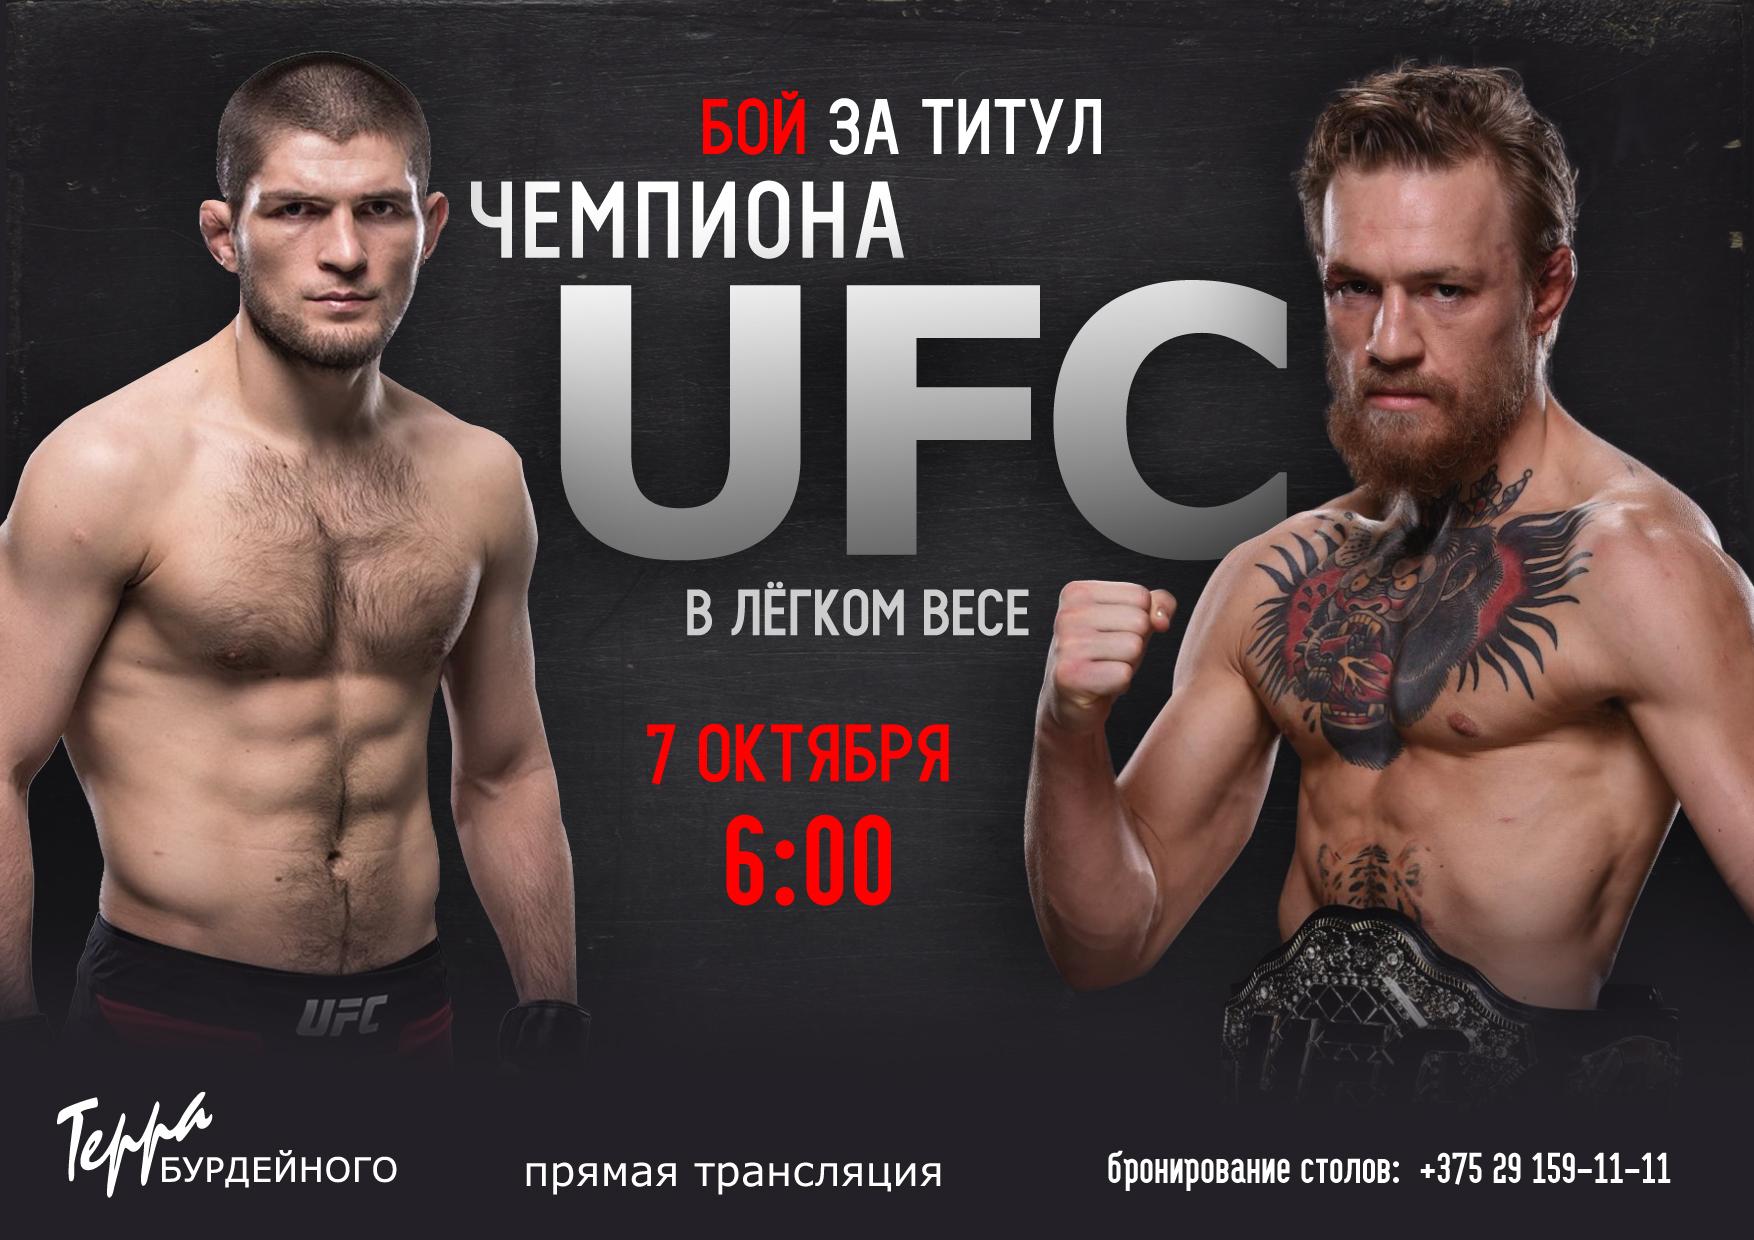 Бой за титул чемпиона UFC!